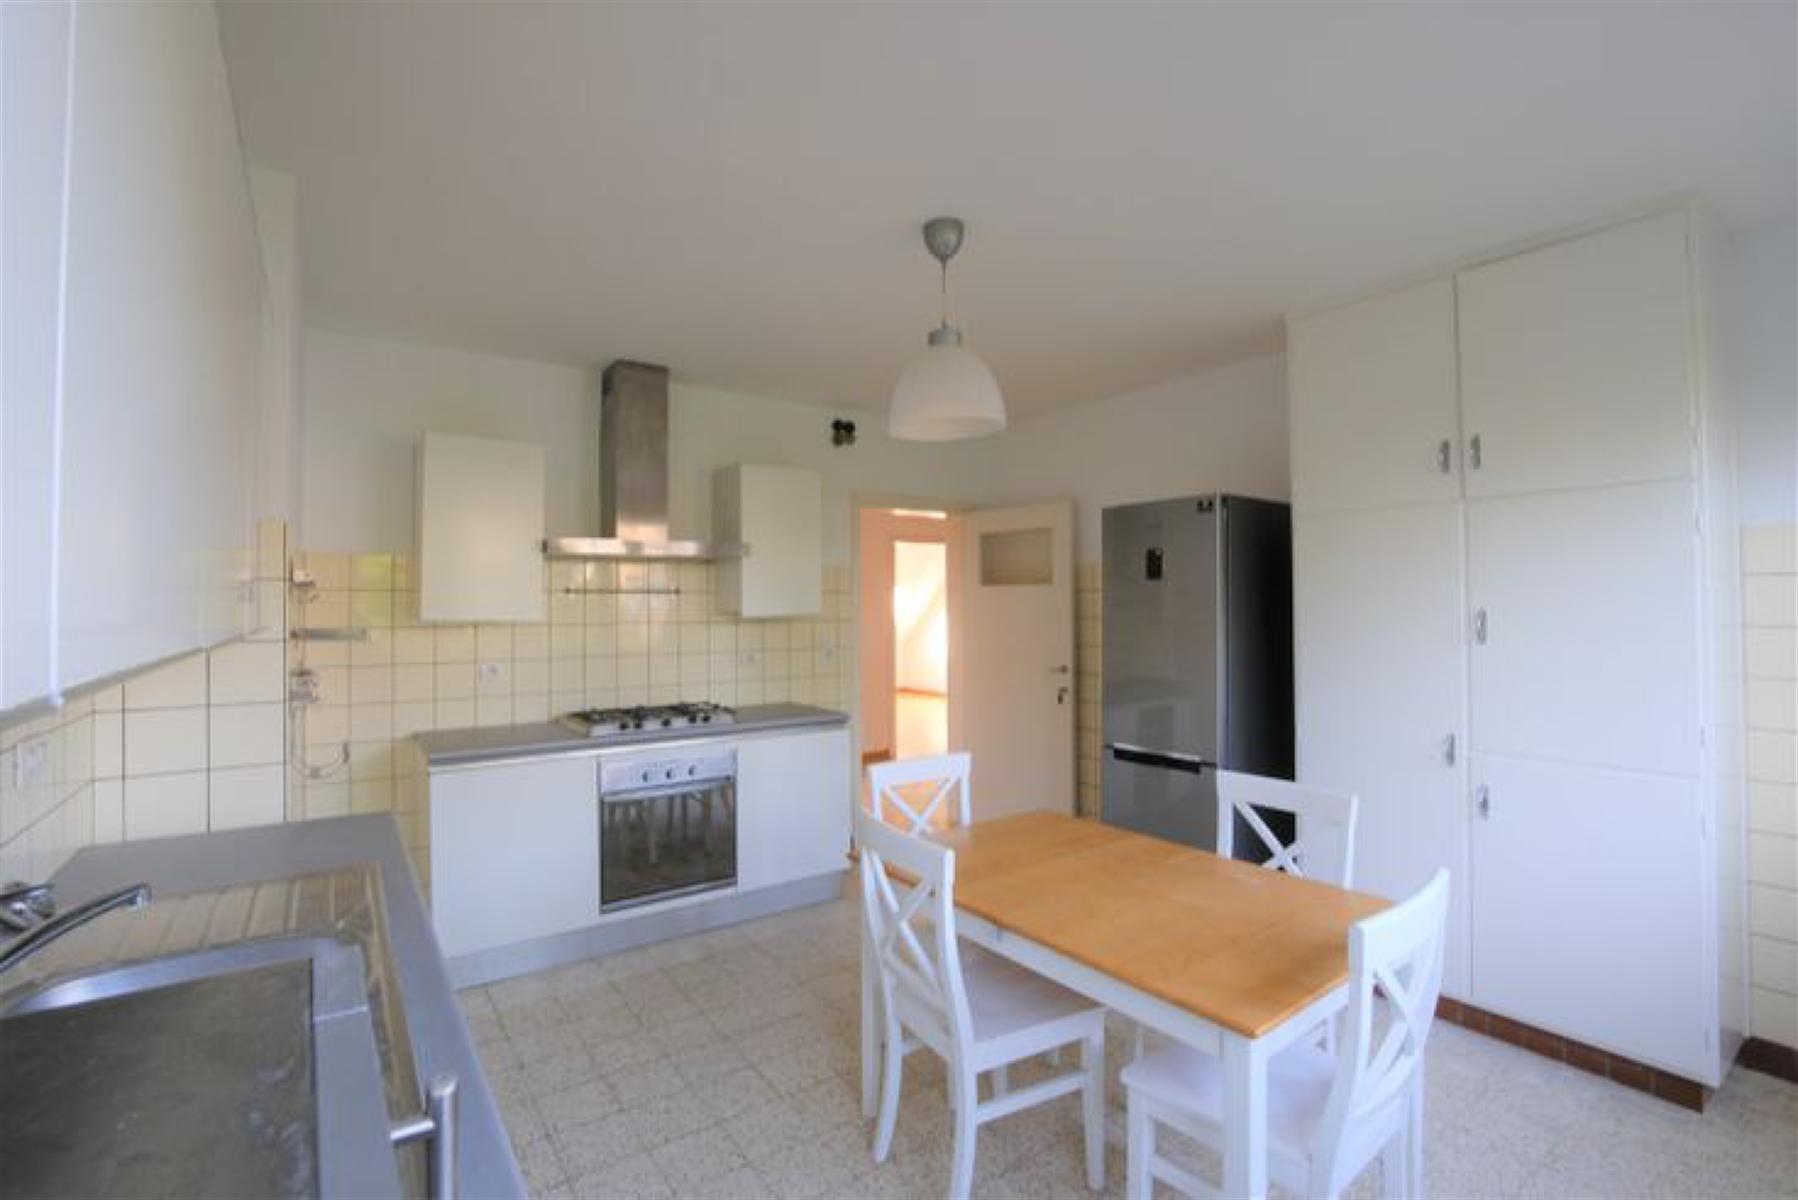 Appartement - Woluwe-Saint-Pierre - #4520815-3